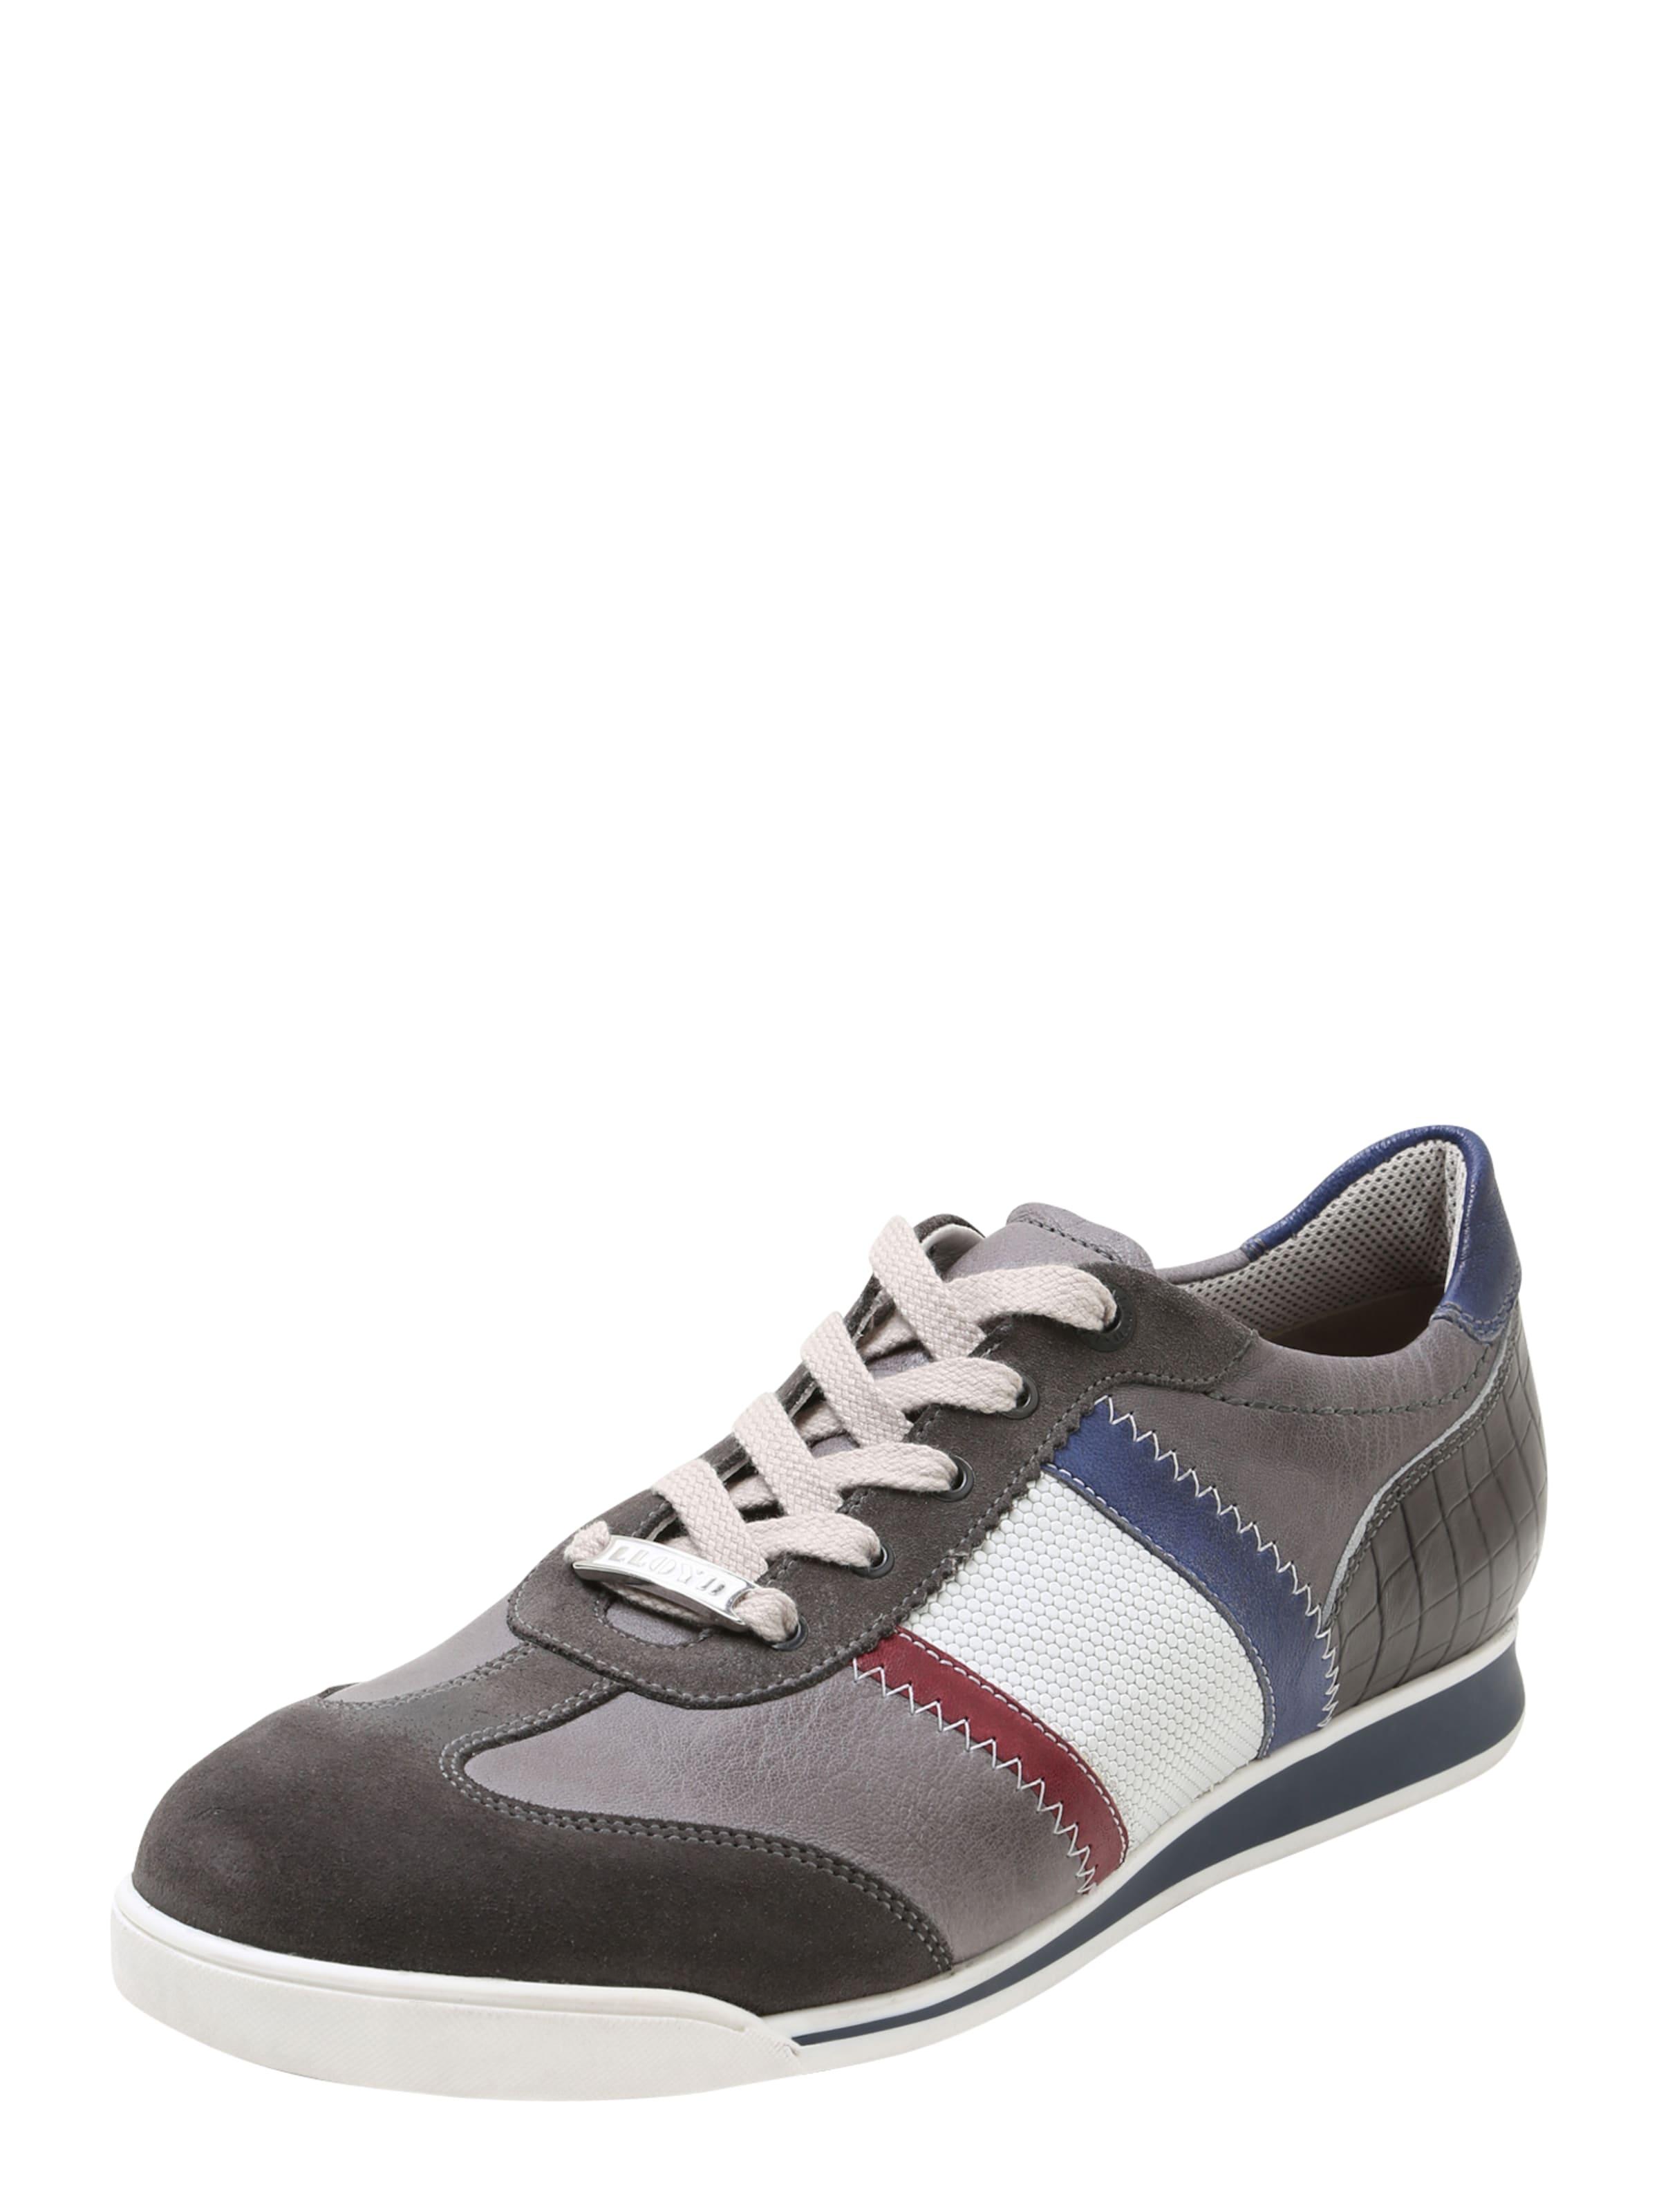 Haltbare Mode billige Schuhe LLOYD | Sneaker Schuhe Gut getragene Schuhe